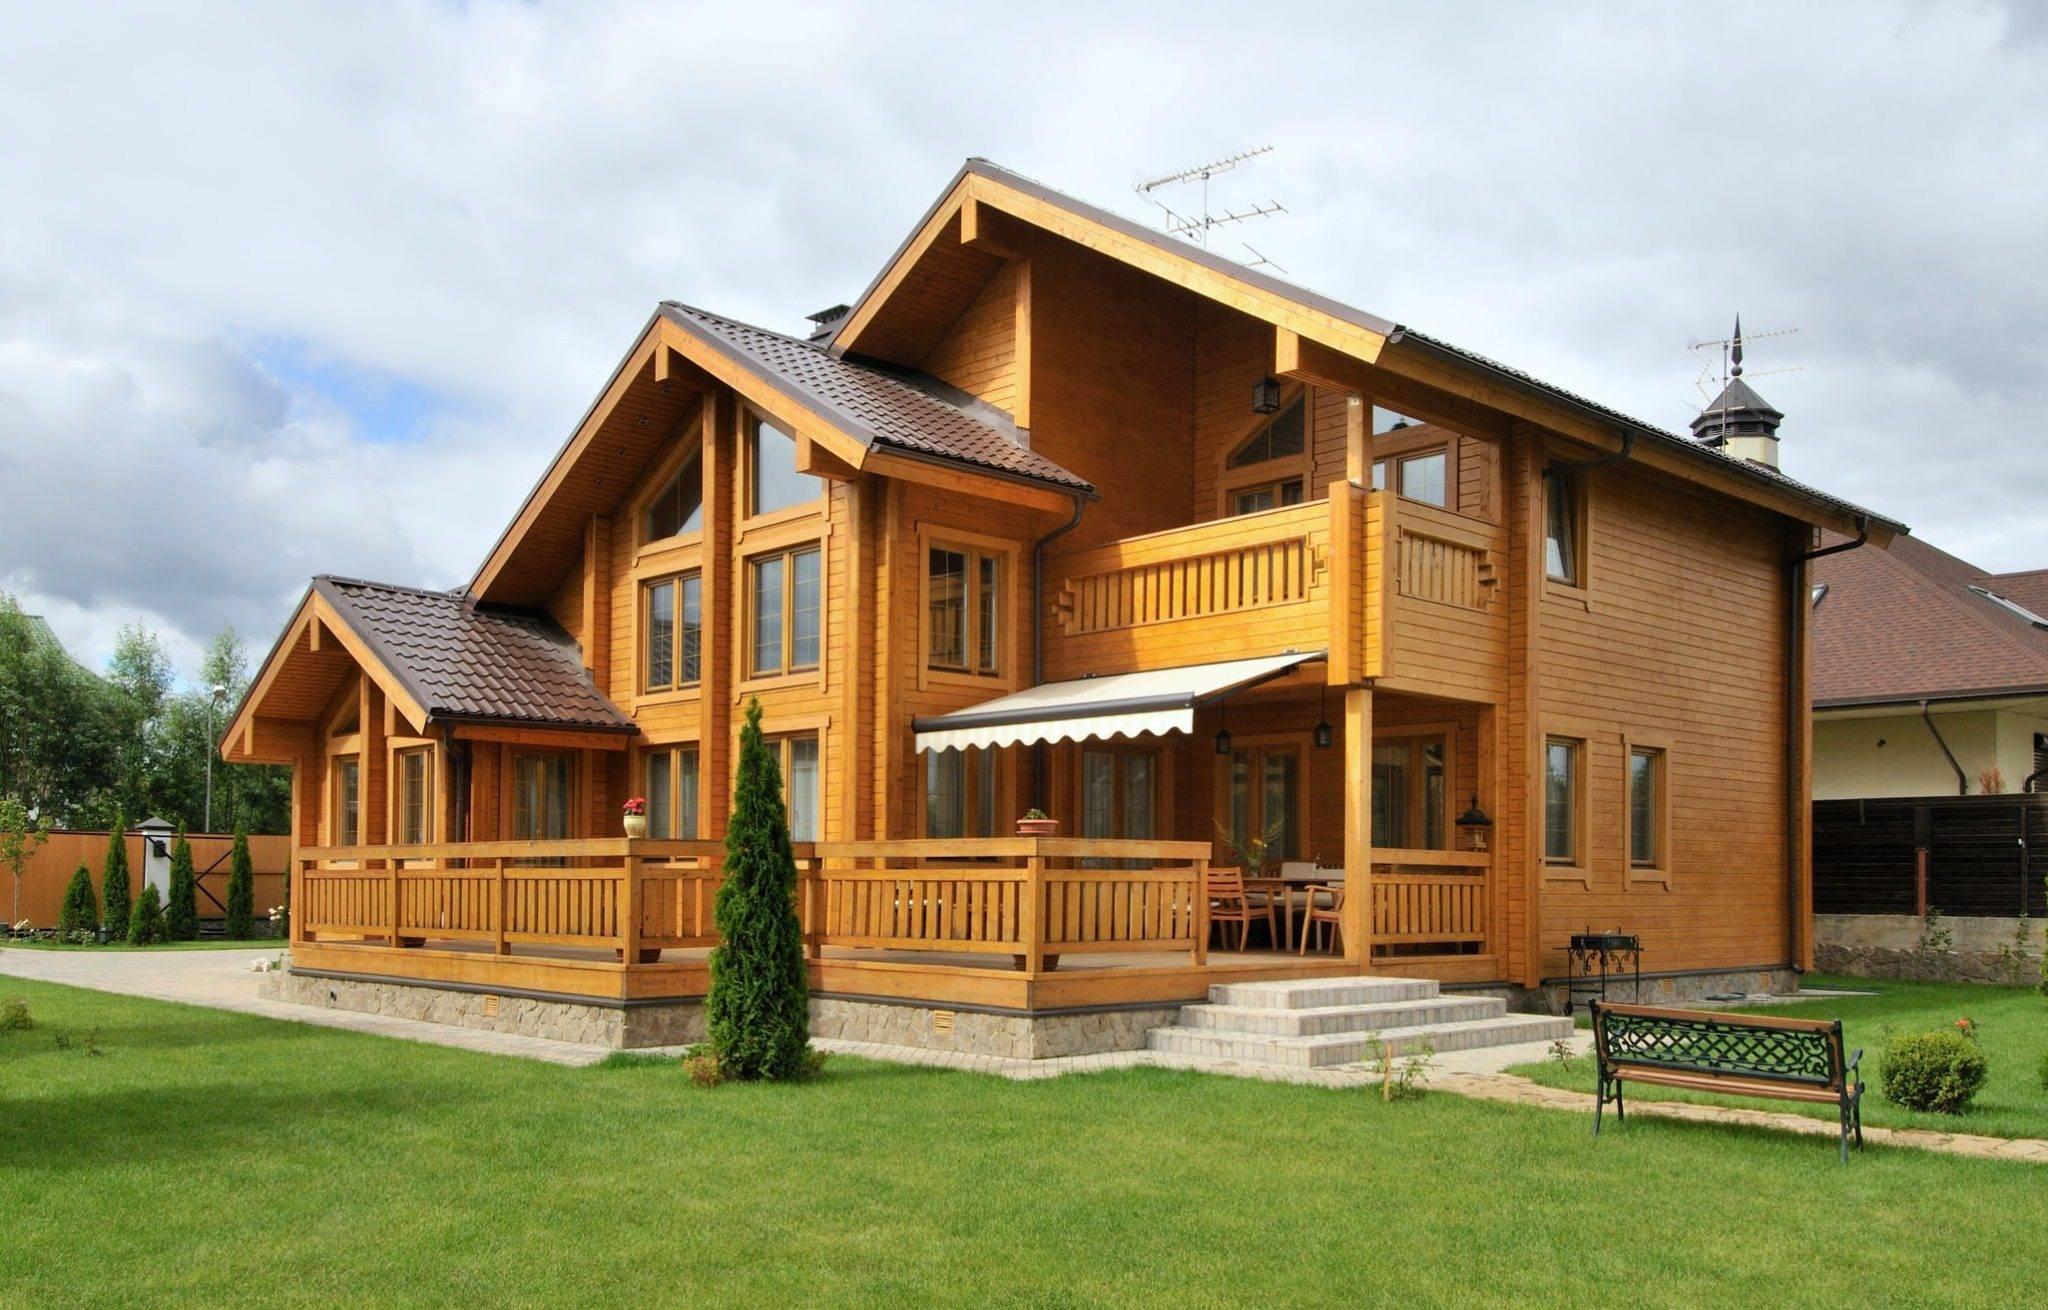 Топ 11 интересных проектов домов из бруса | строительный блог вити петрова